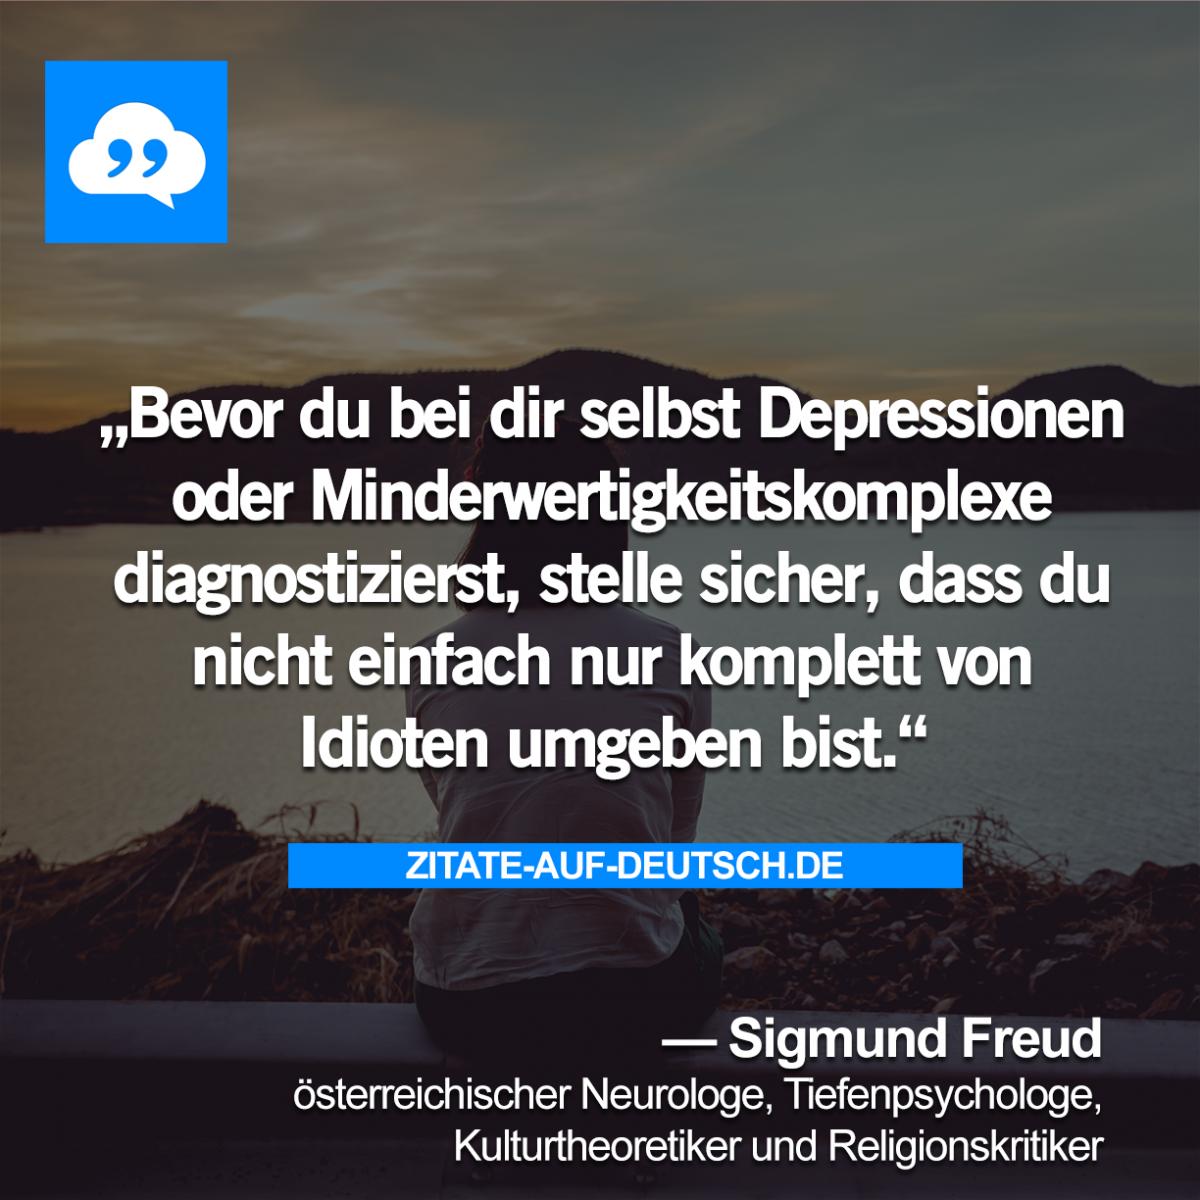 Bevor du bei dir selbst Depressionen oder Minderwertigkeitskomplexe ...